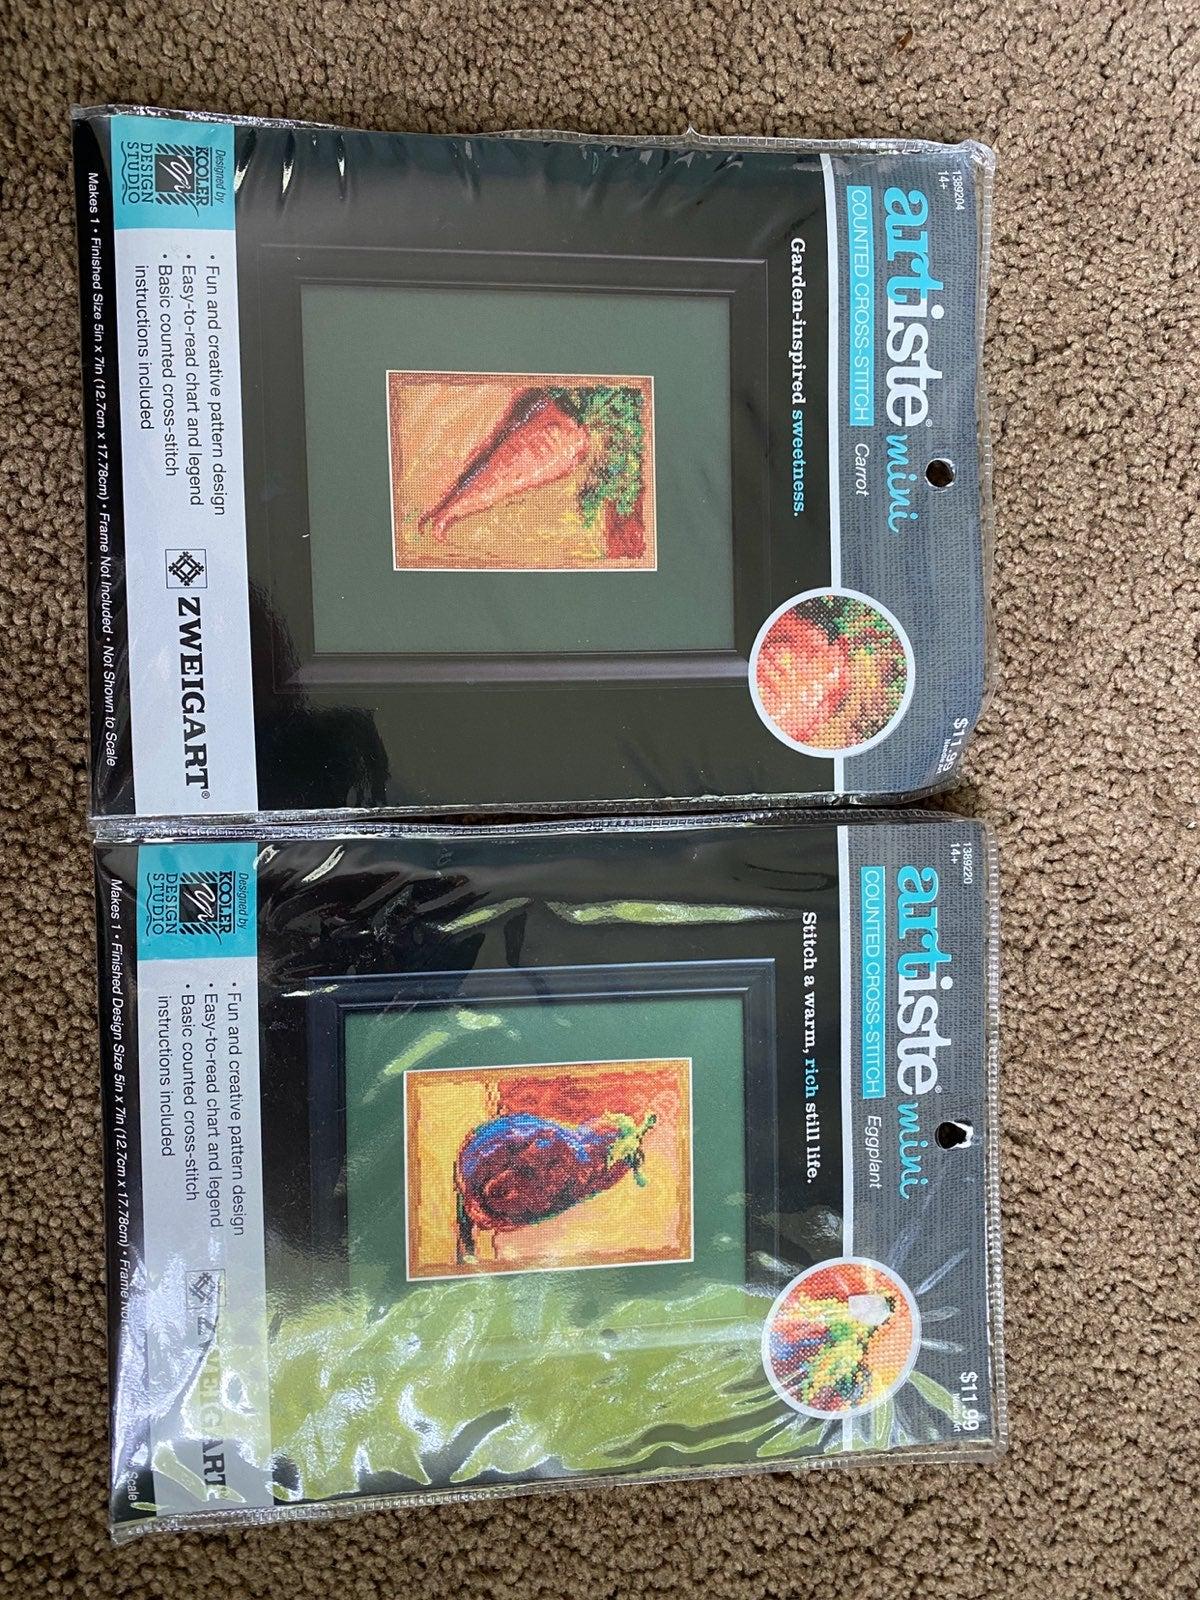 Set of 2 Cross-stitch Kits (Fruits)